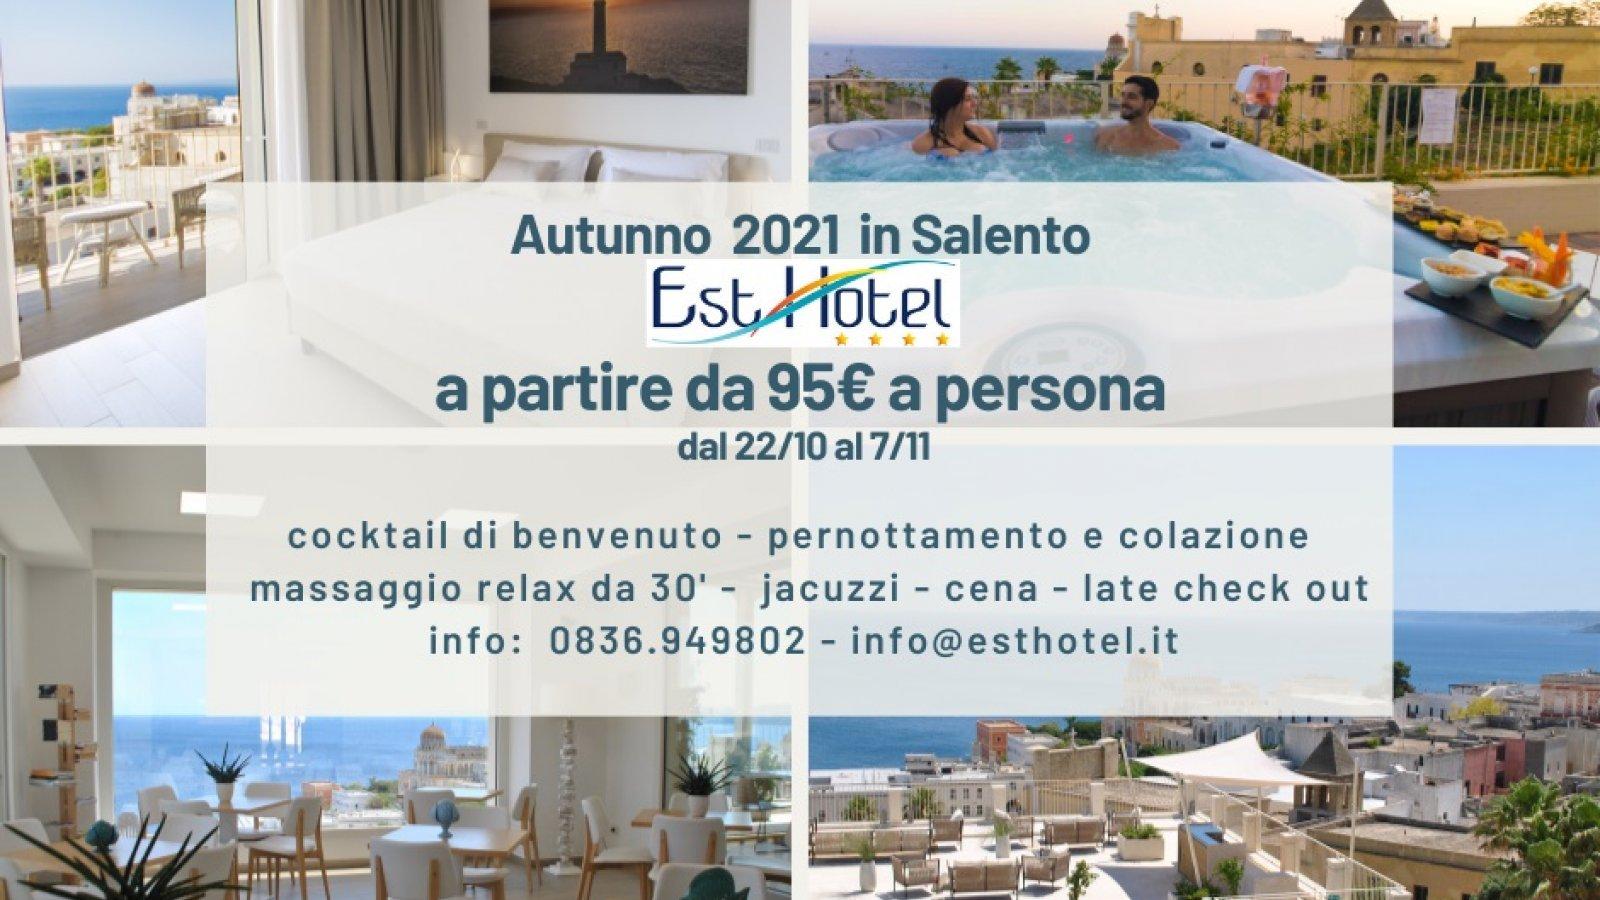 Autunno 2021 in Salento 2 notti